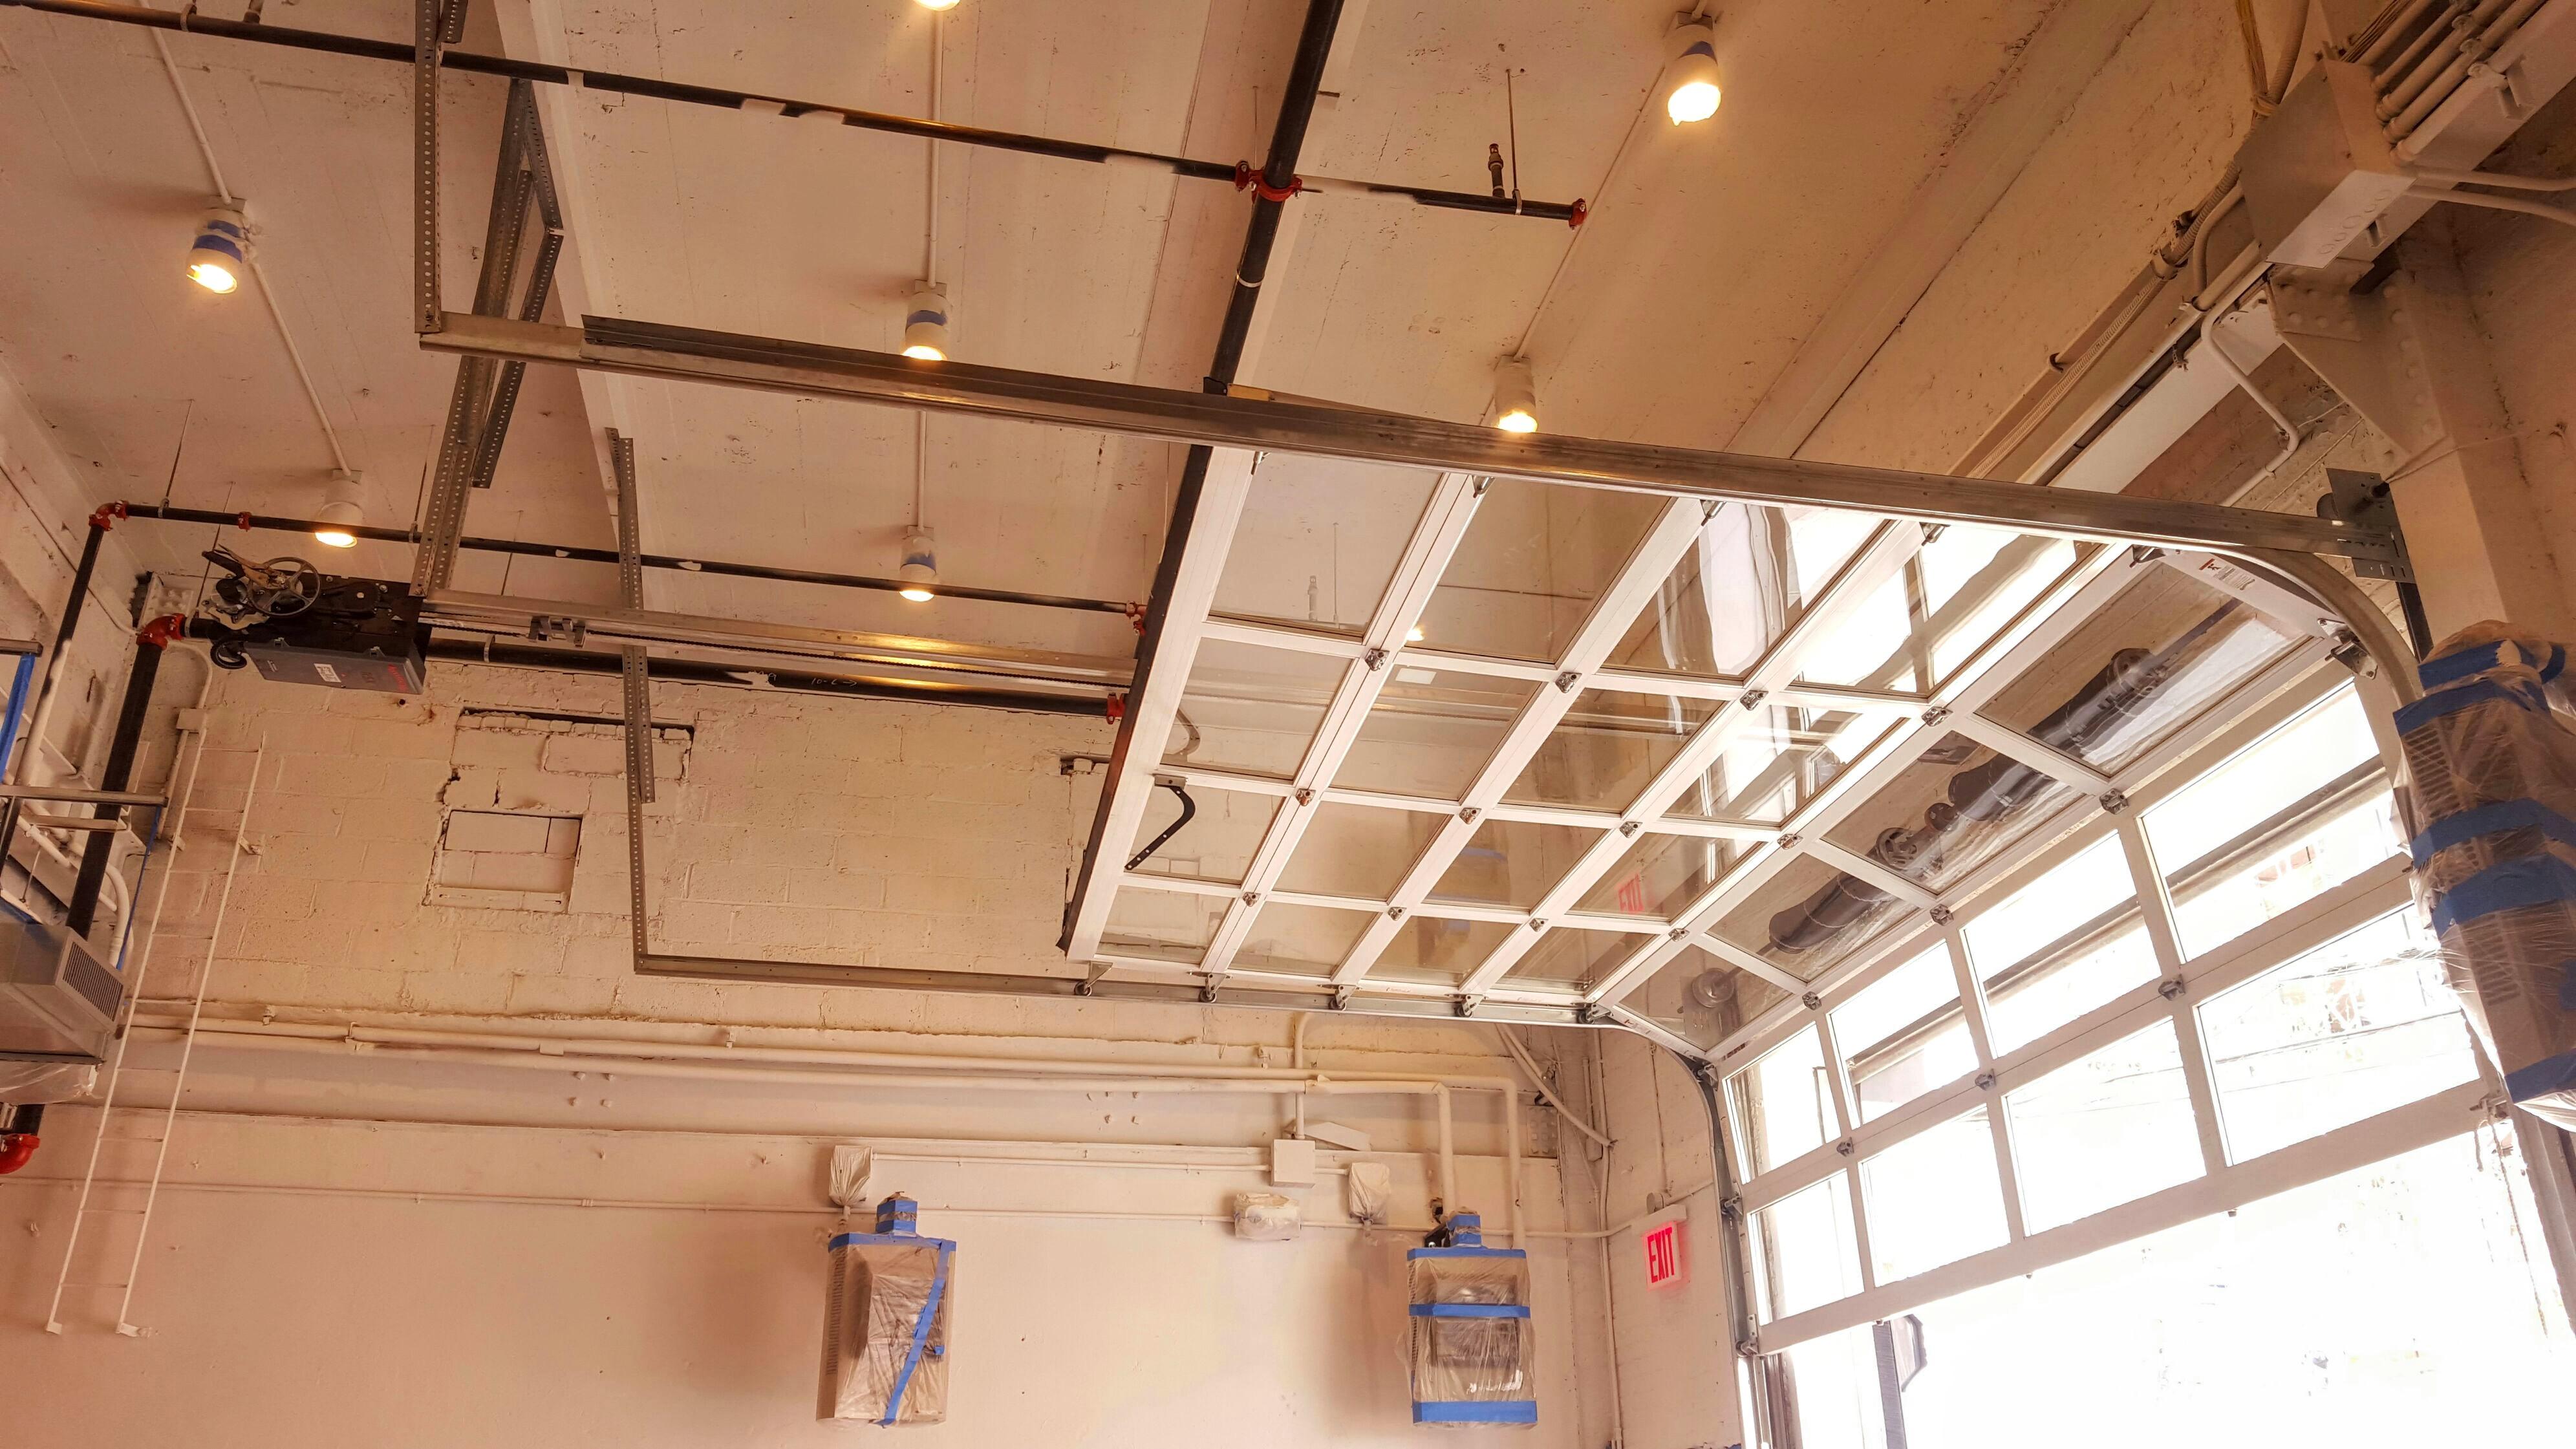 Amazing Glass Roller Garage Overhead Door 521 Series NYC